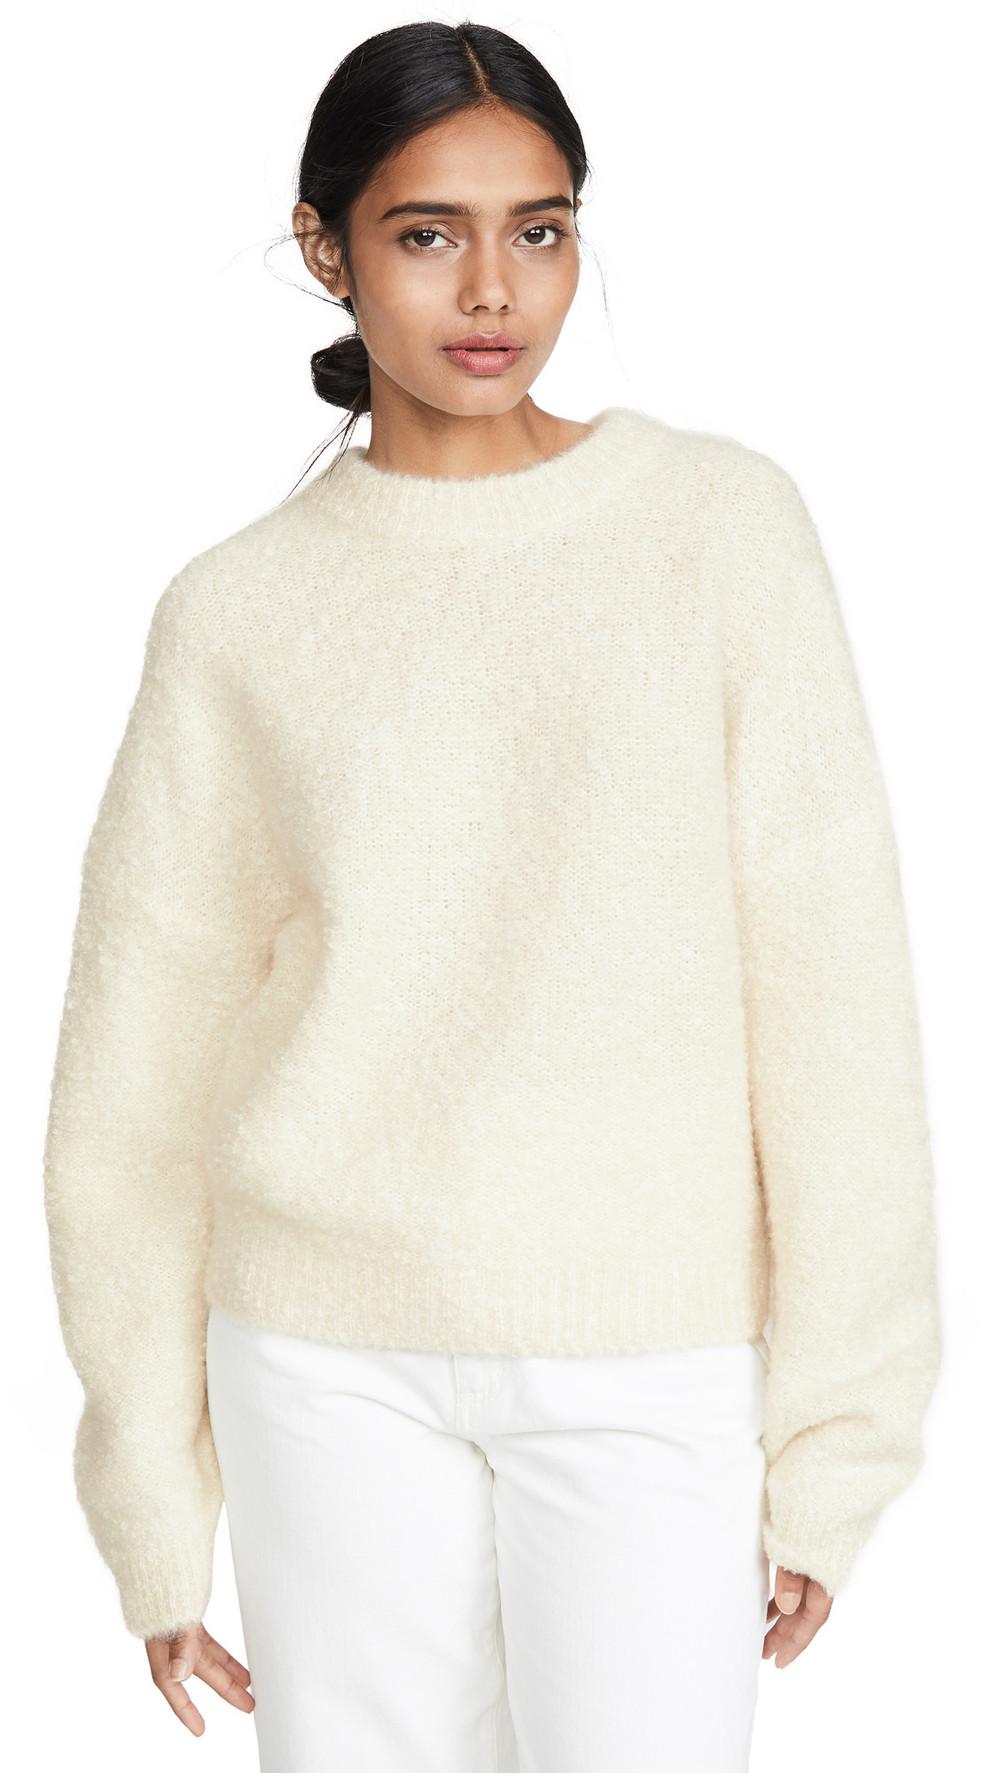 Le Kasha Baden Fuzzy Cashmere Sweater in beige